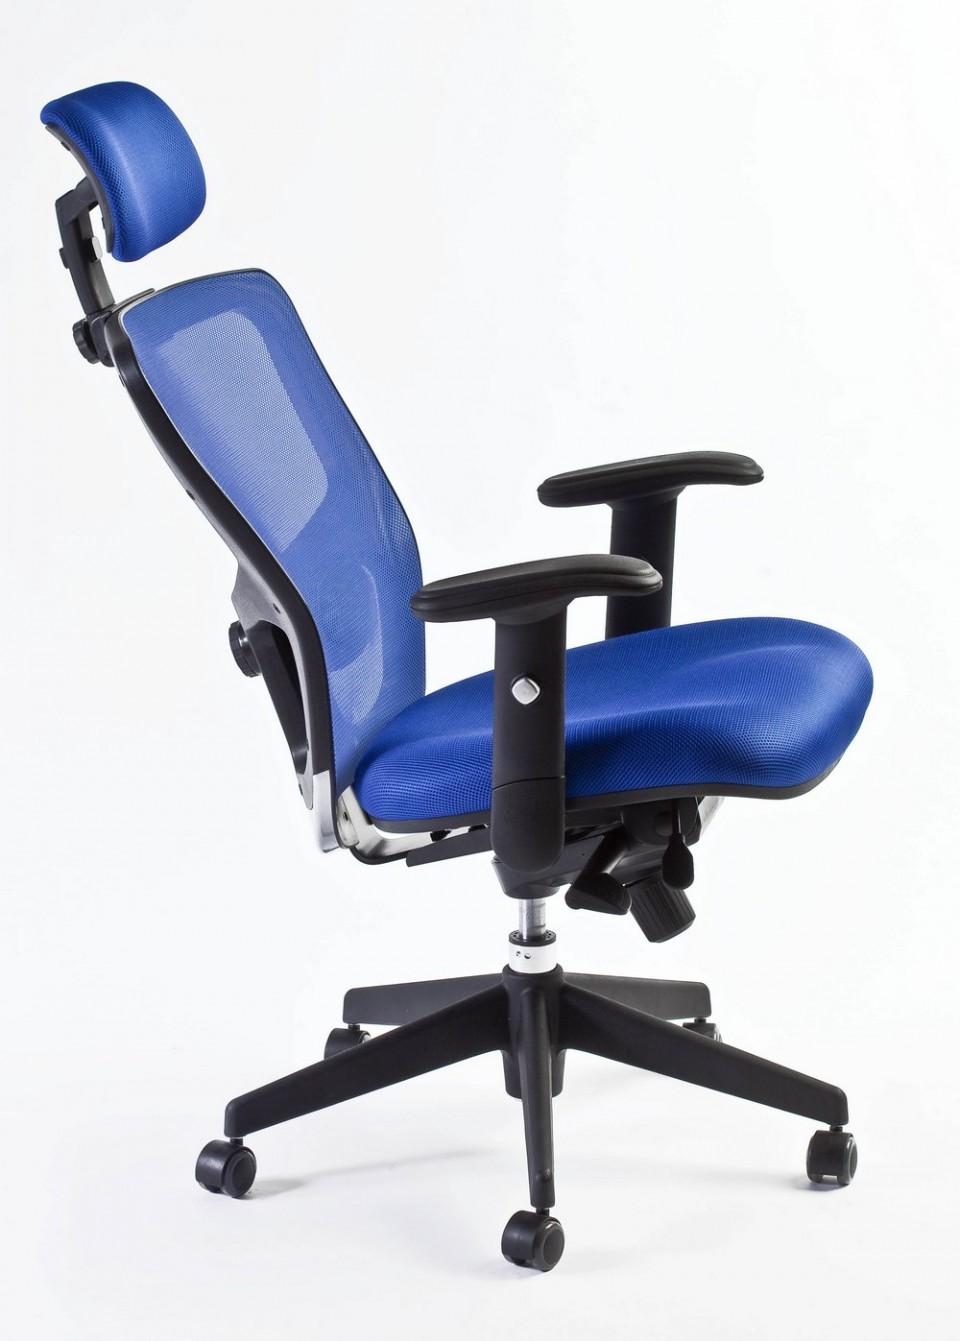 fauteuil de bureau ergonomique maille achat si ges ergonomiques 269 00. Black Bedroom Furniture Sets. Home Design Ideas